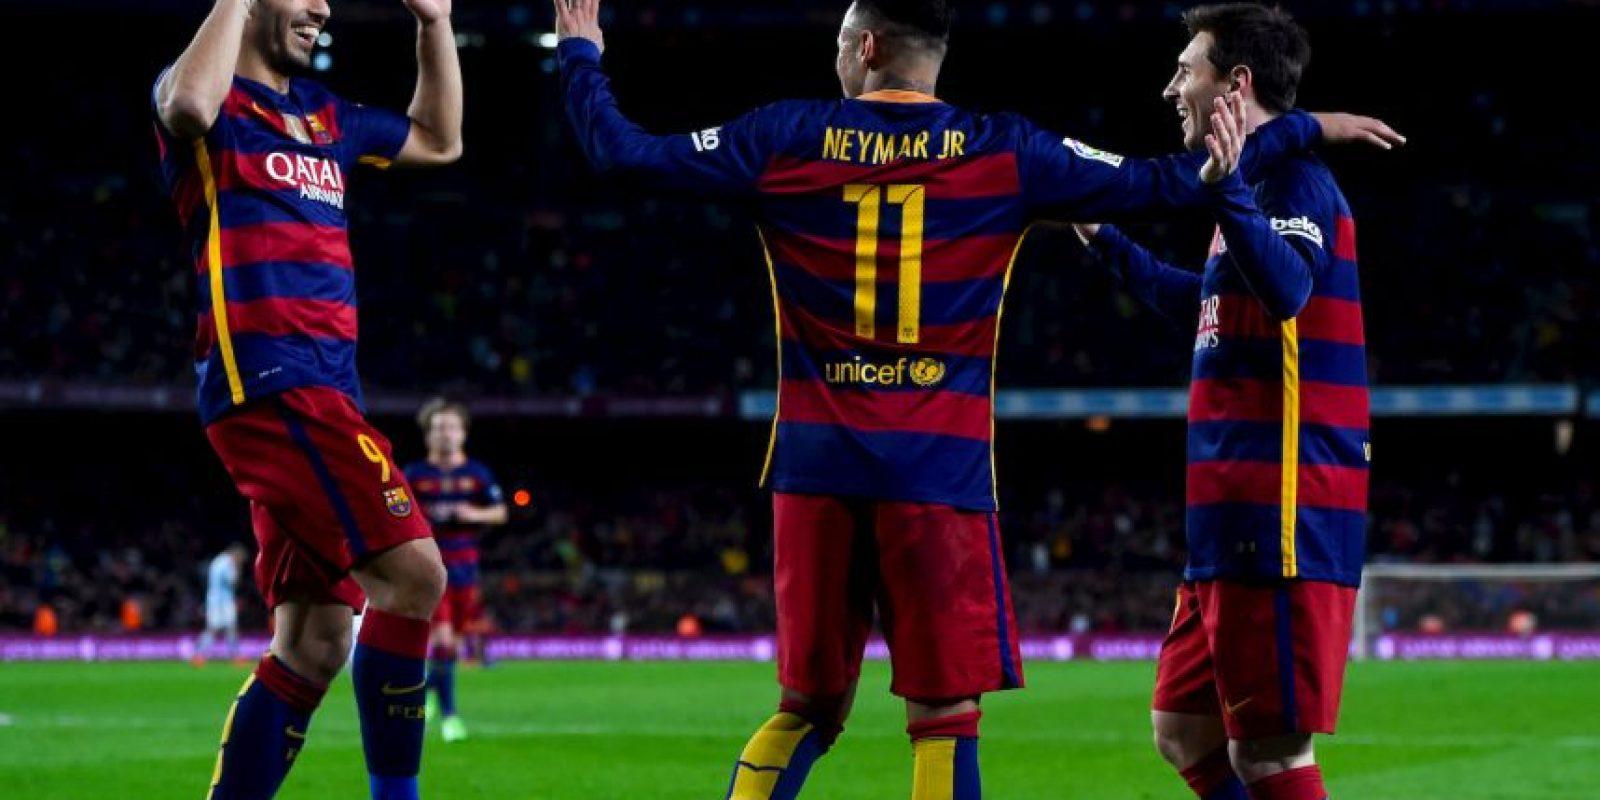 Confesó que regresaría a ese equipo, si vuelve a jugar en un club de Argentina. Foto:Getty Images